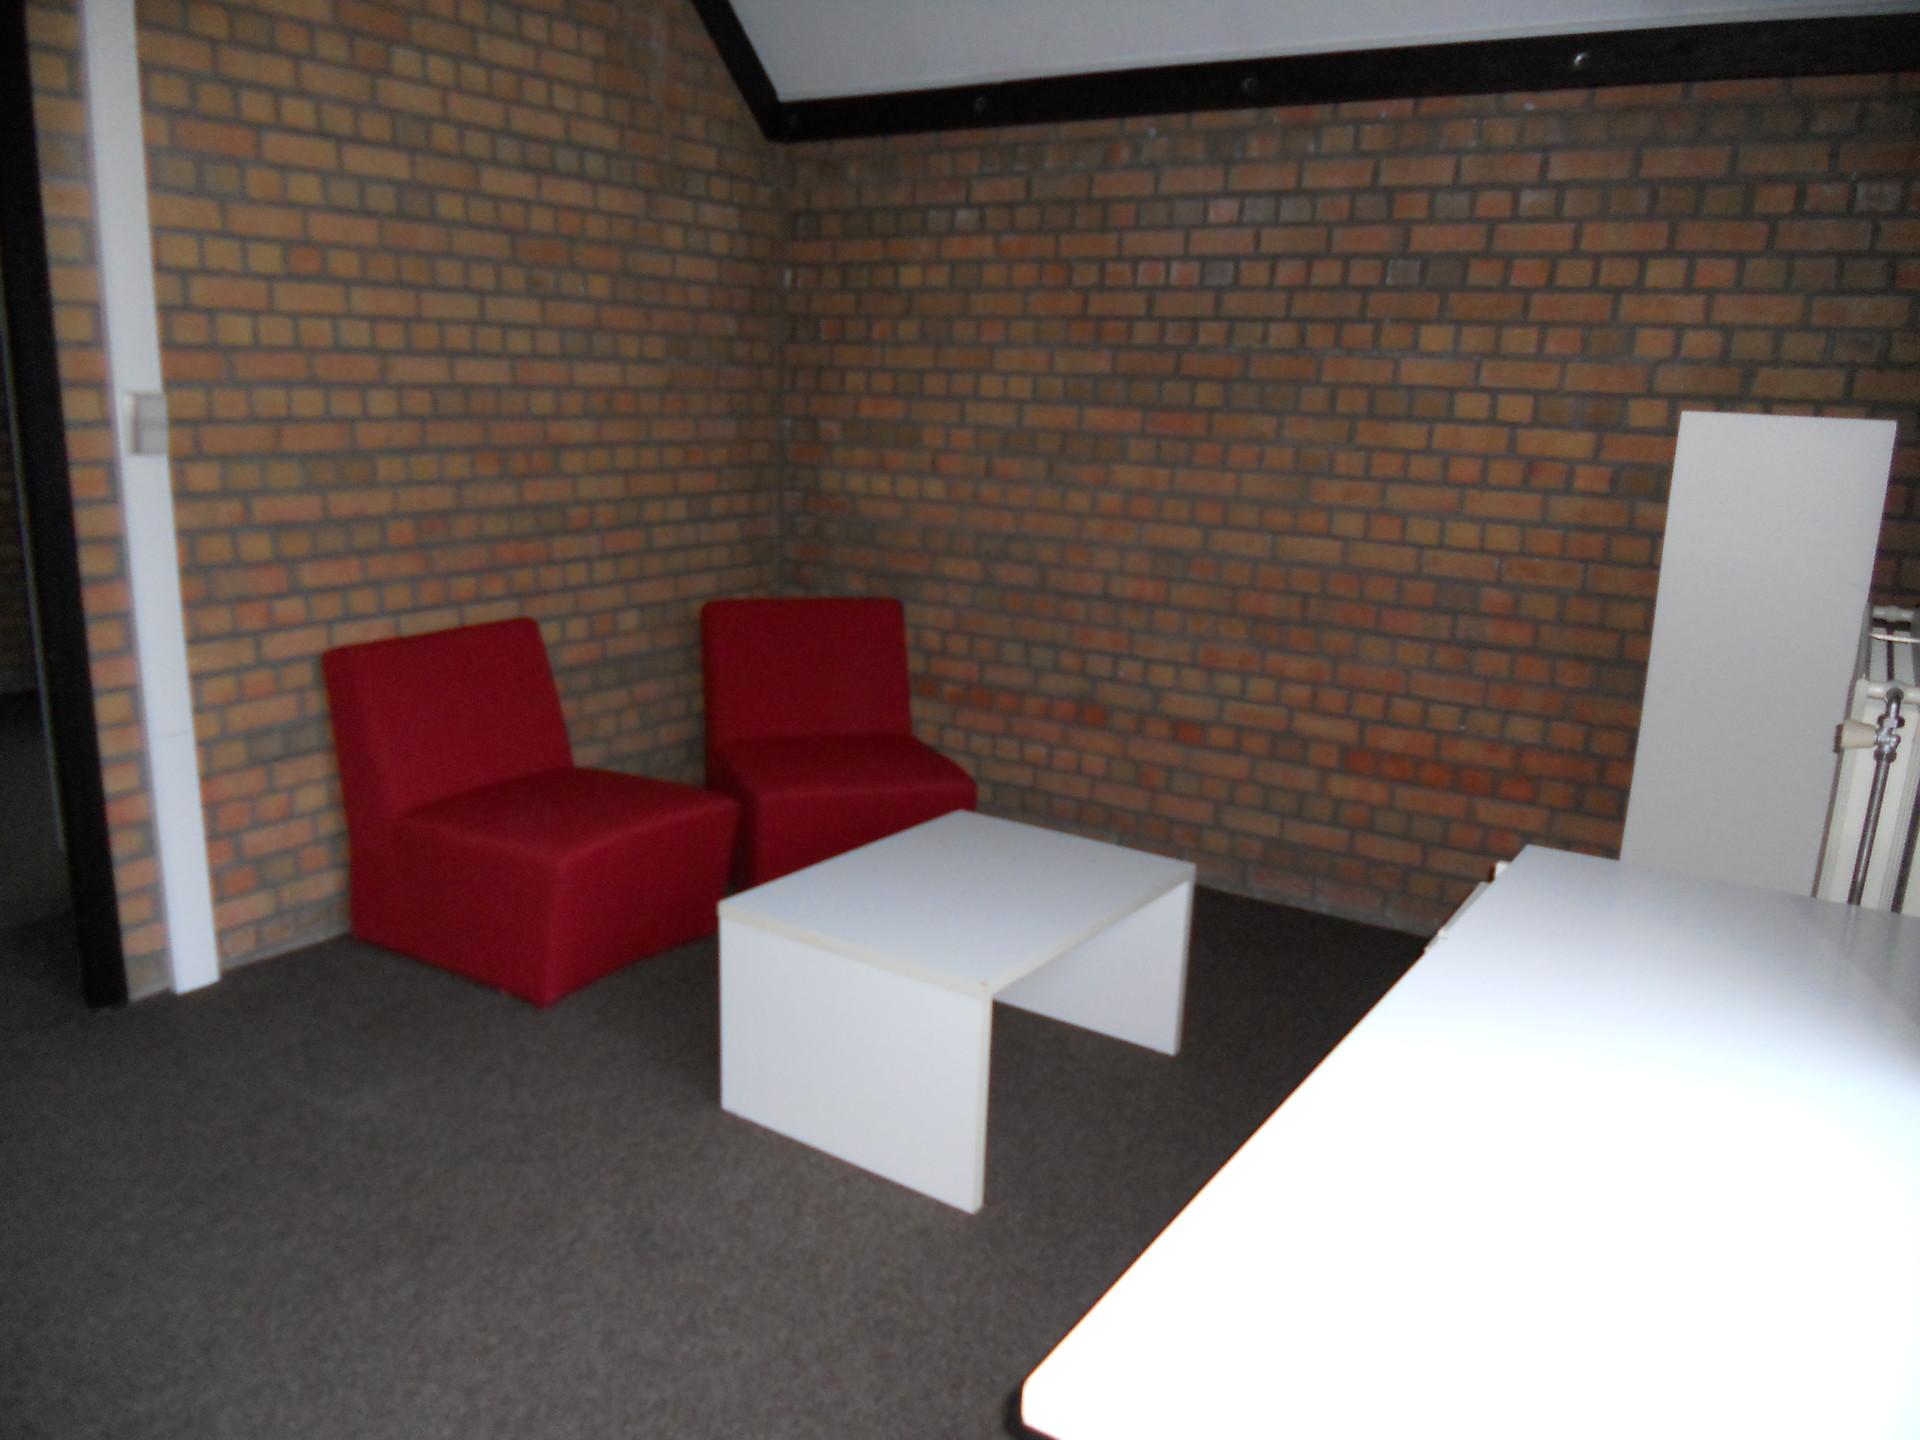 Appartement 1 chambre vintage meubl d 39 location appartements bruxelles - Appartements meubles bruxelles ...